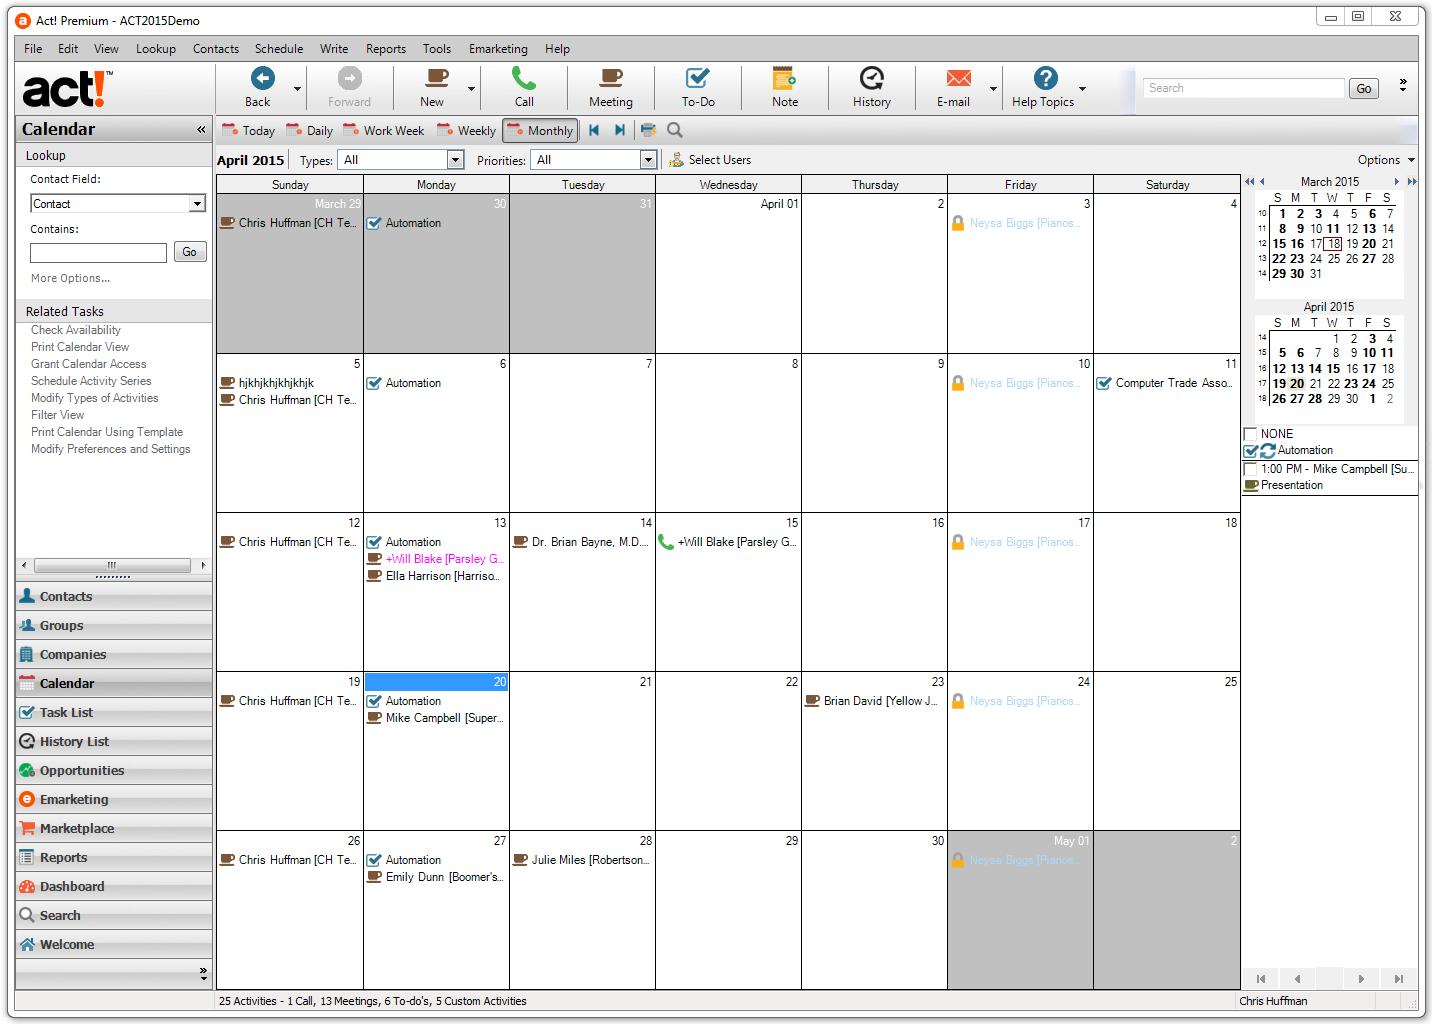 Act! Software - Calendar view